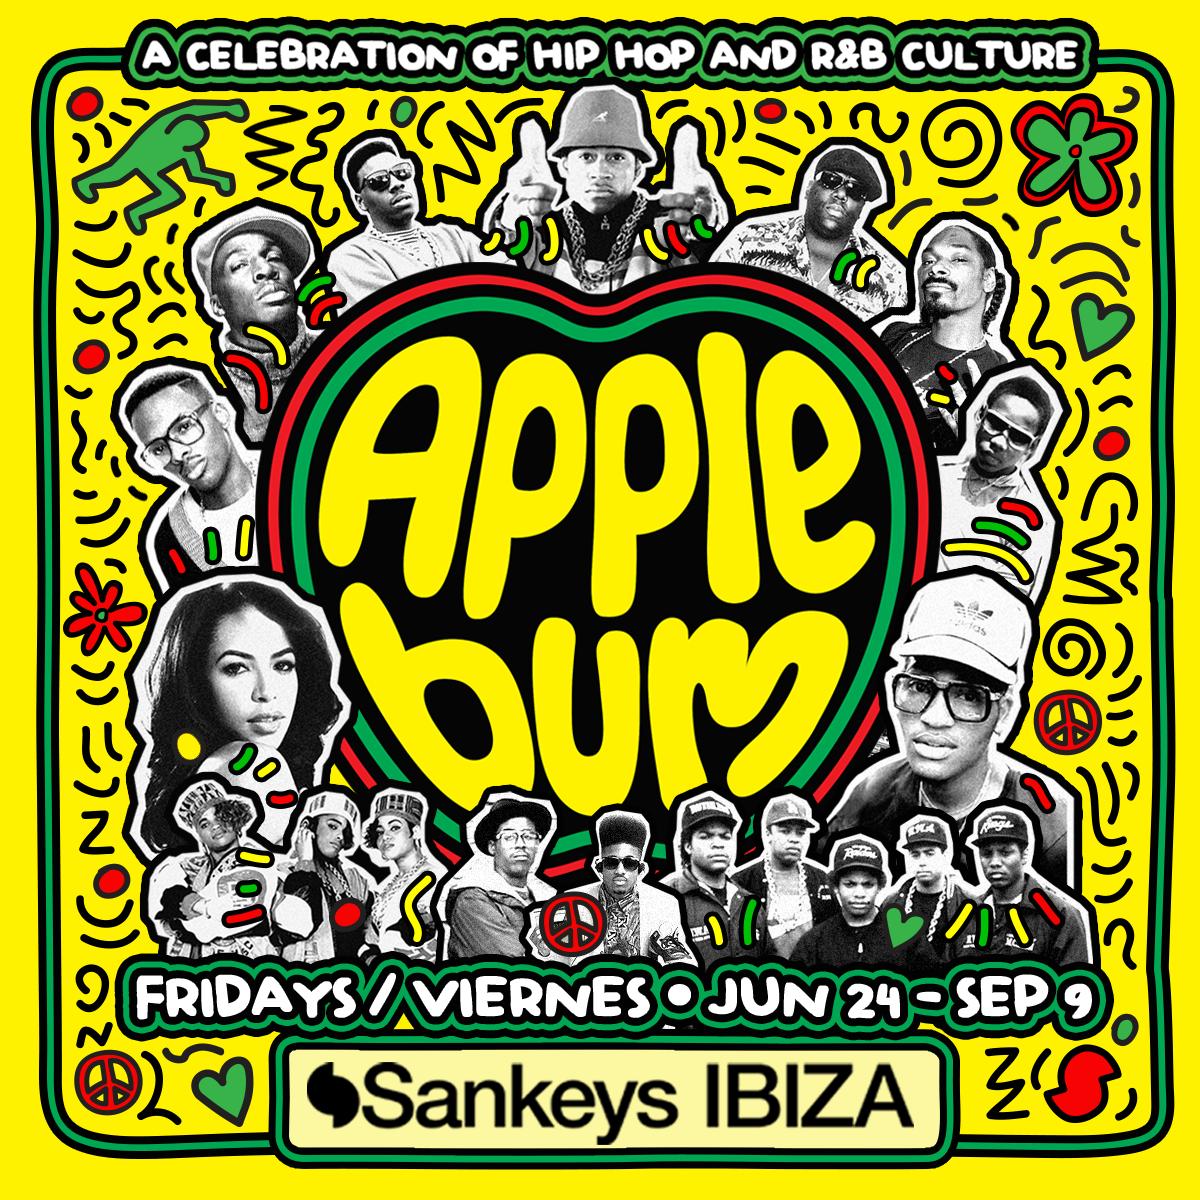 Sankeys Ibiza